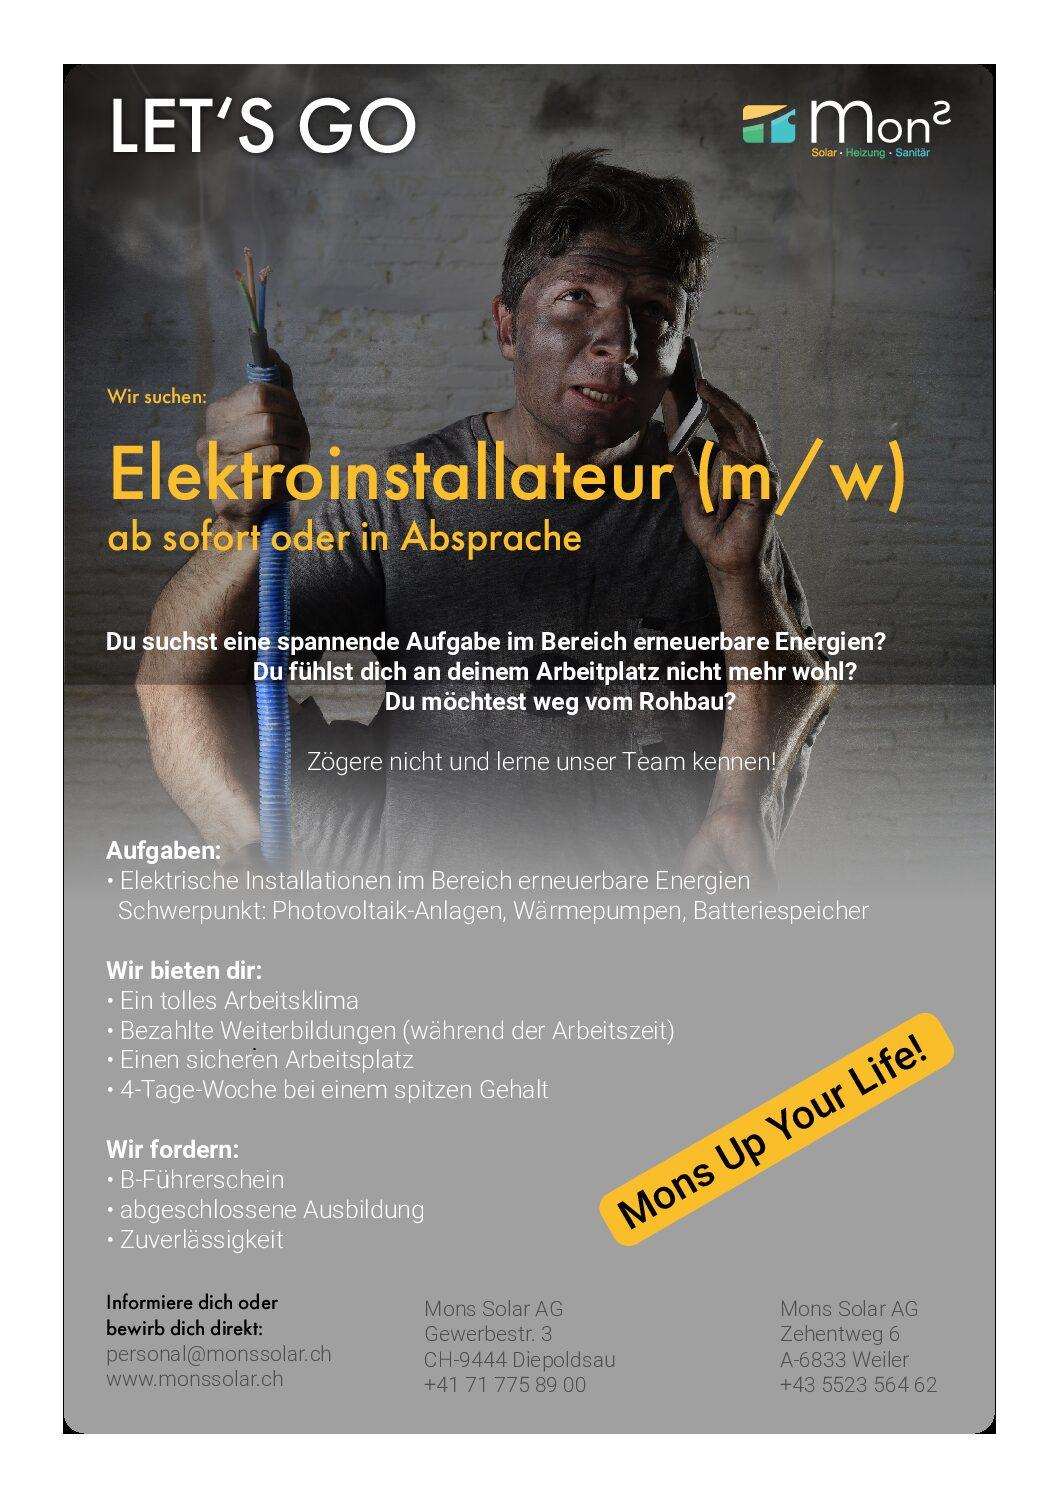 Elektroinstallateur Lustig